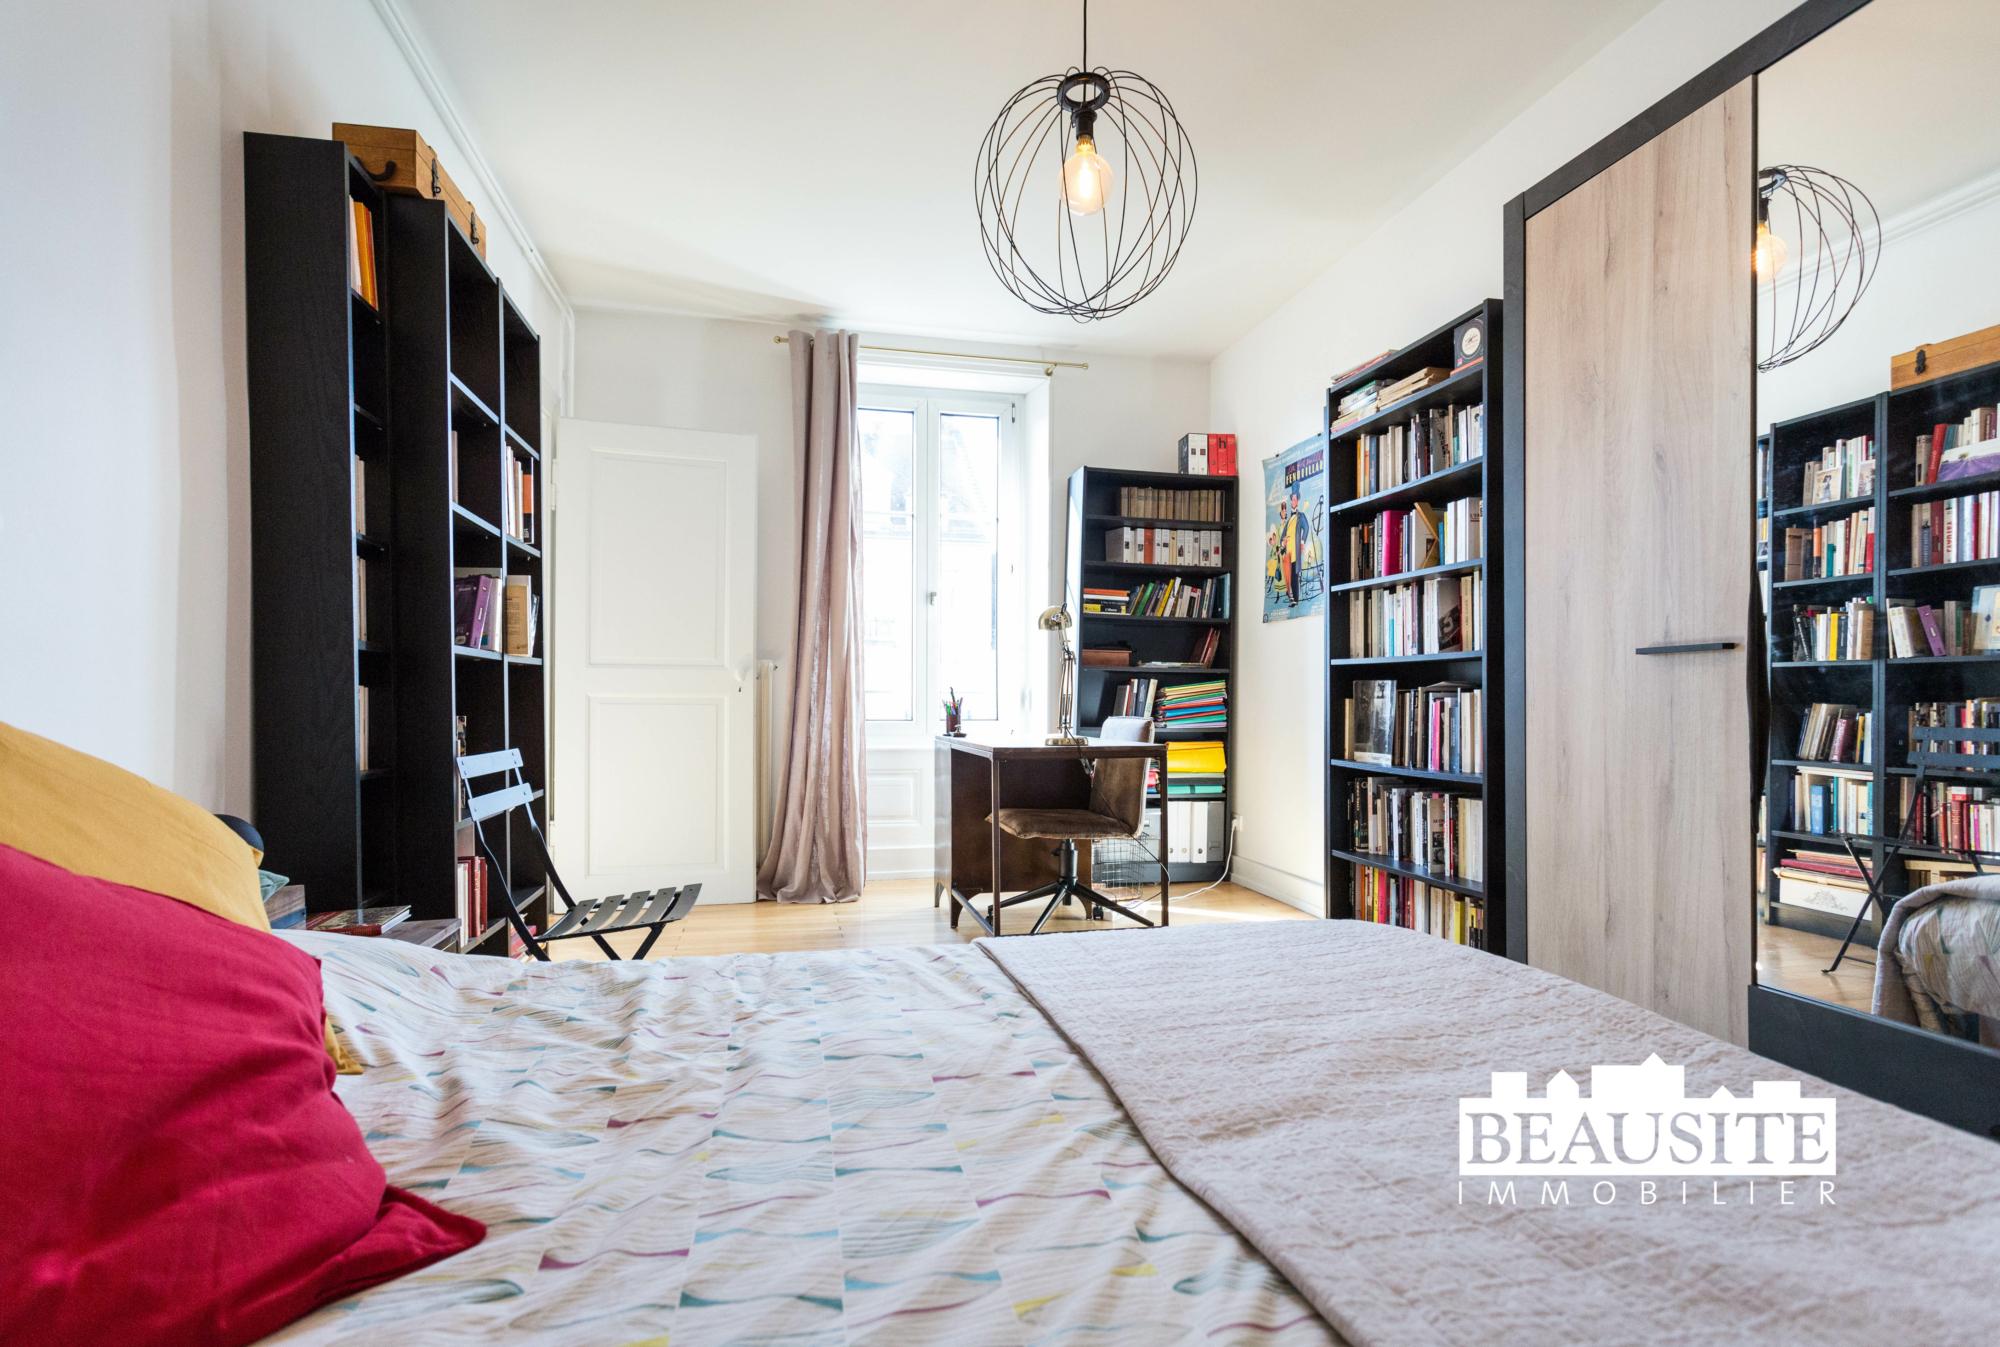 [Sobremesa] L'appartement 5 pièces chaleureux et convivial - Strasbourg / Boulevard du Président Poincaré - nos ventes - Beausite Immobilier 12